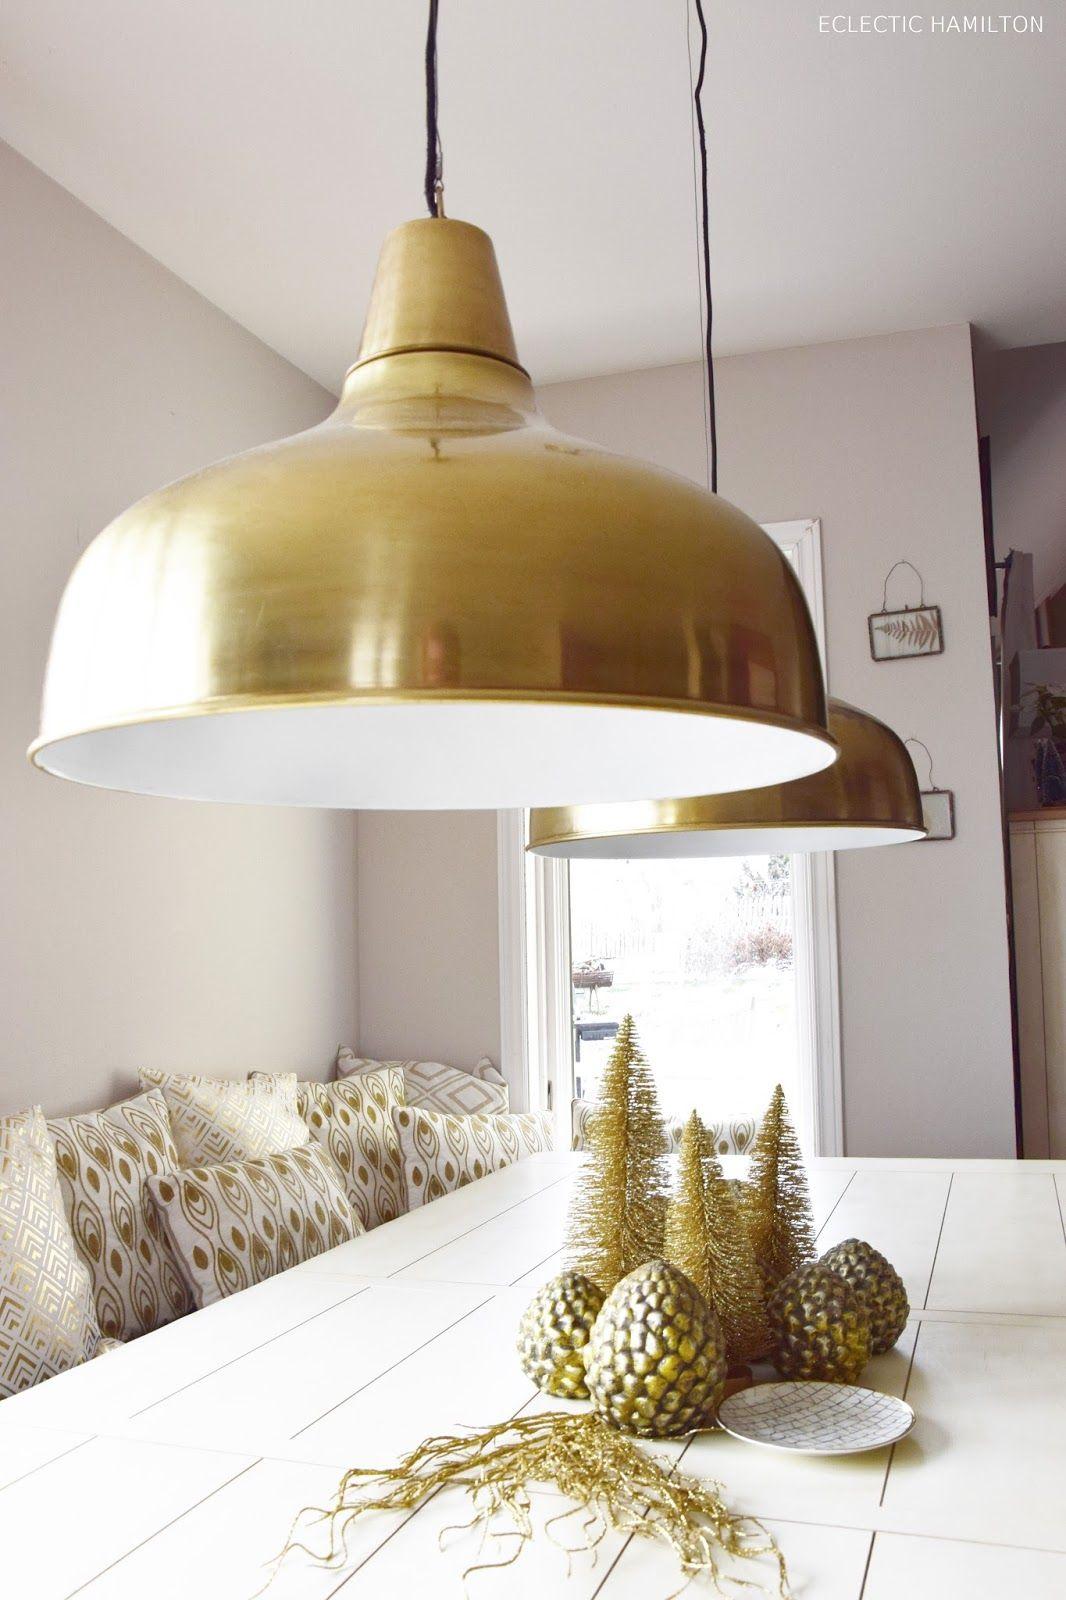 Charmant Die Perfekte Lampe Für Das Esszimmer Und Tolle Weihnachtsdeko In Gold.Tipps  Zum Leuchtmittelkauf /